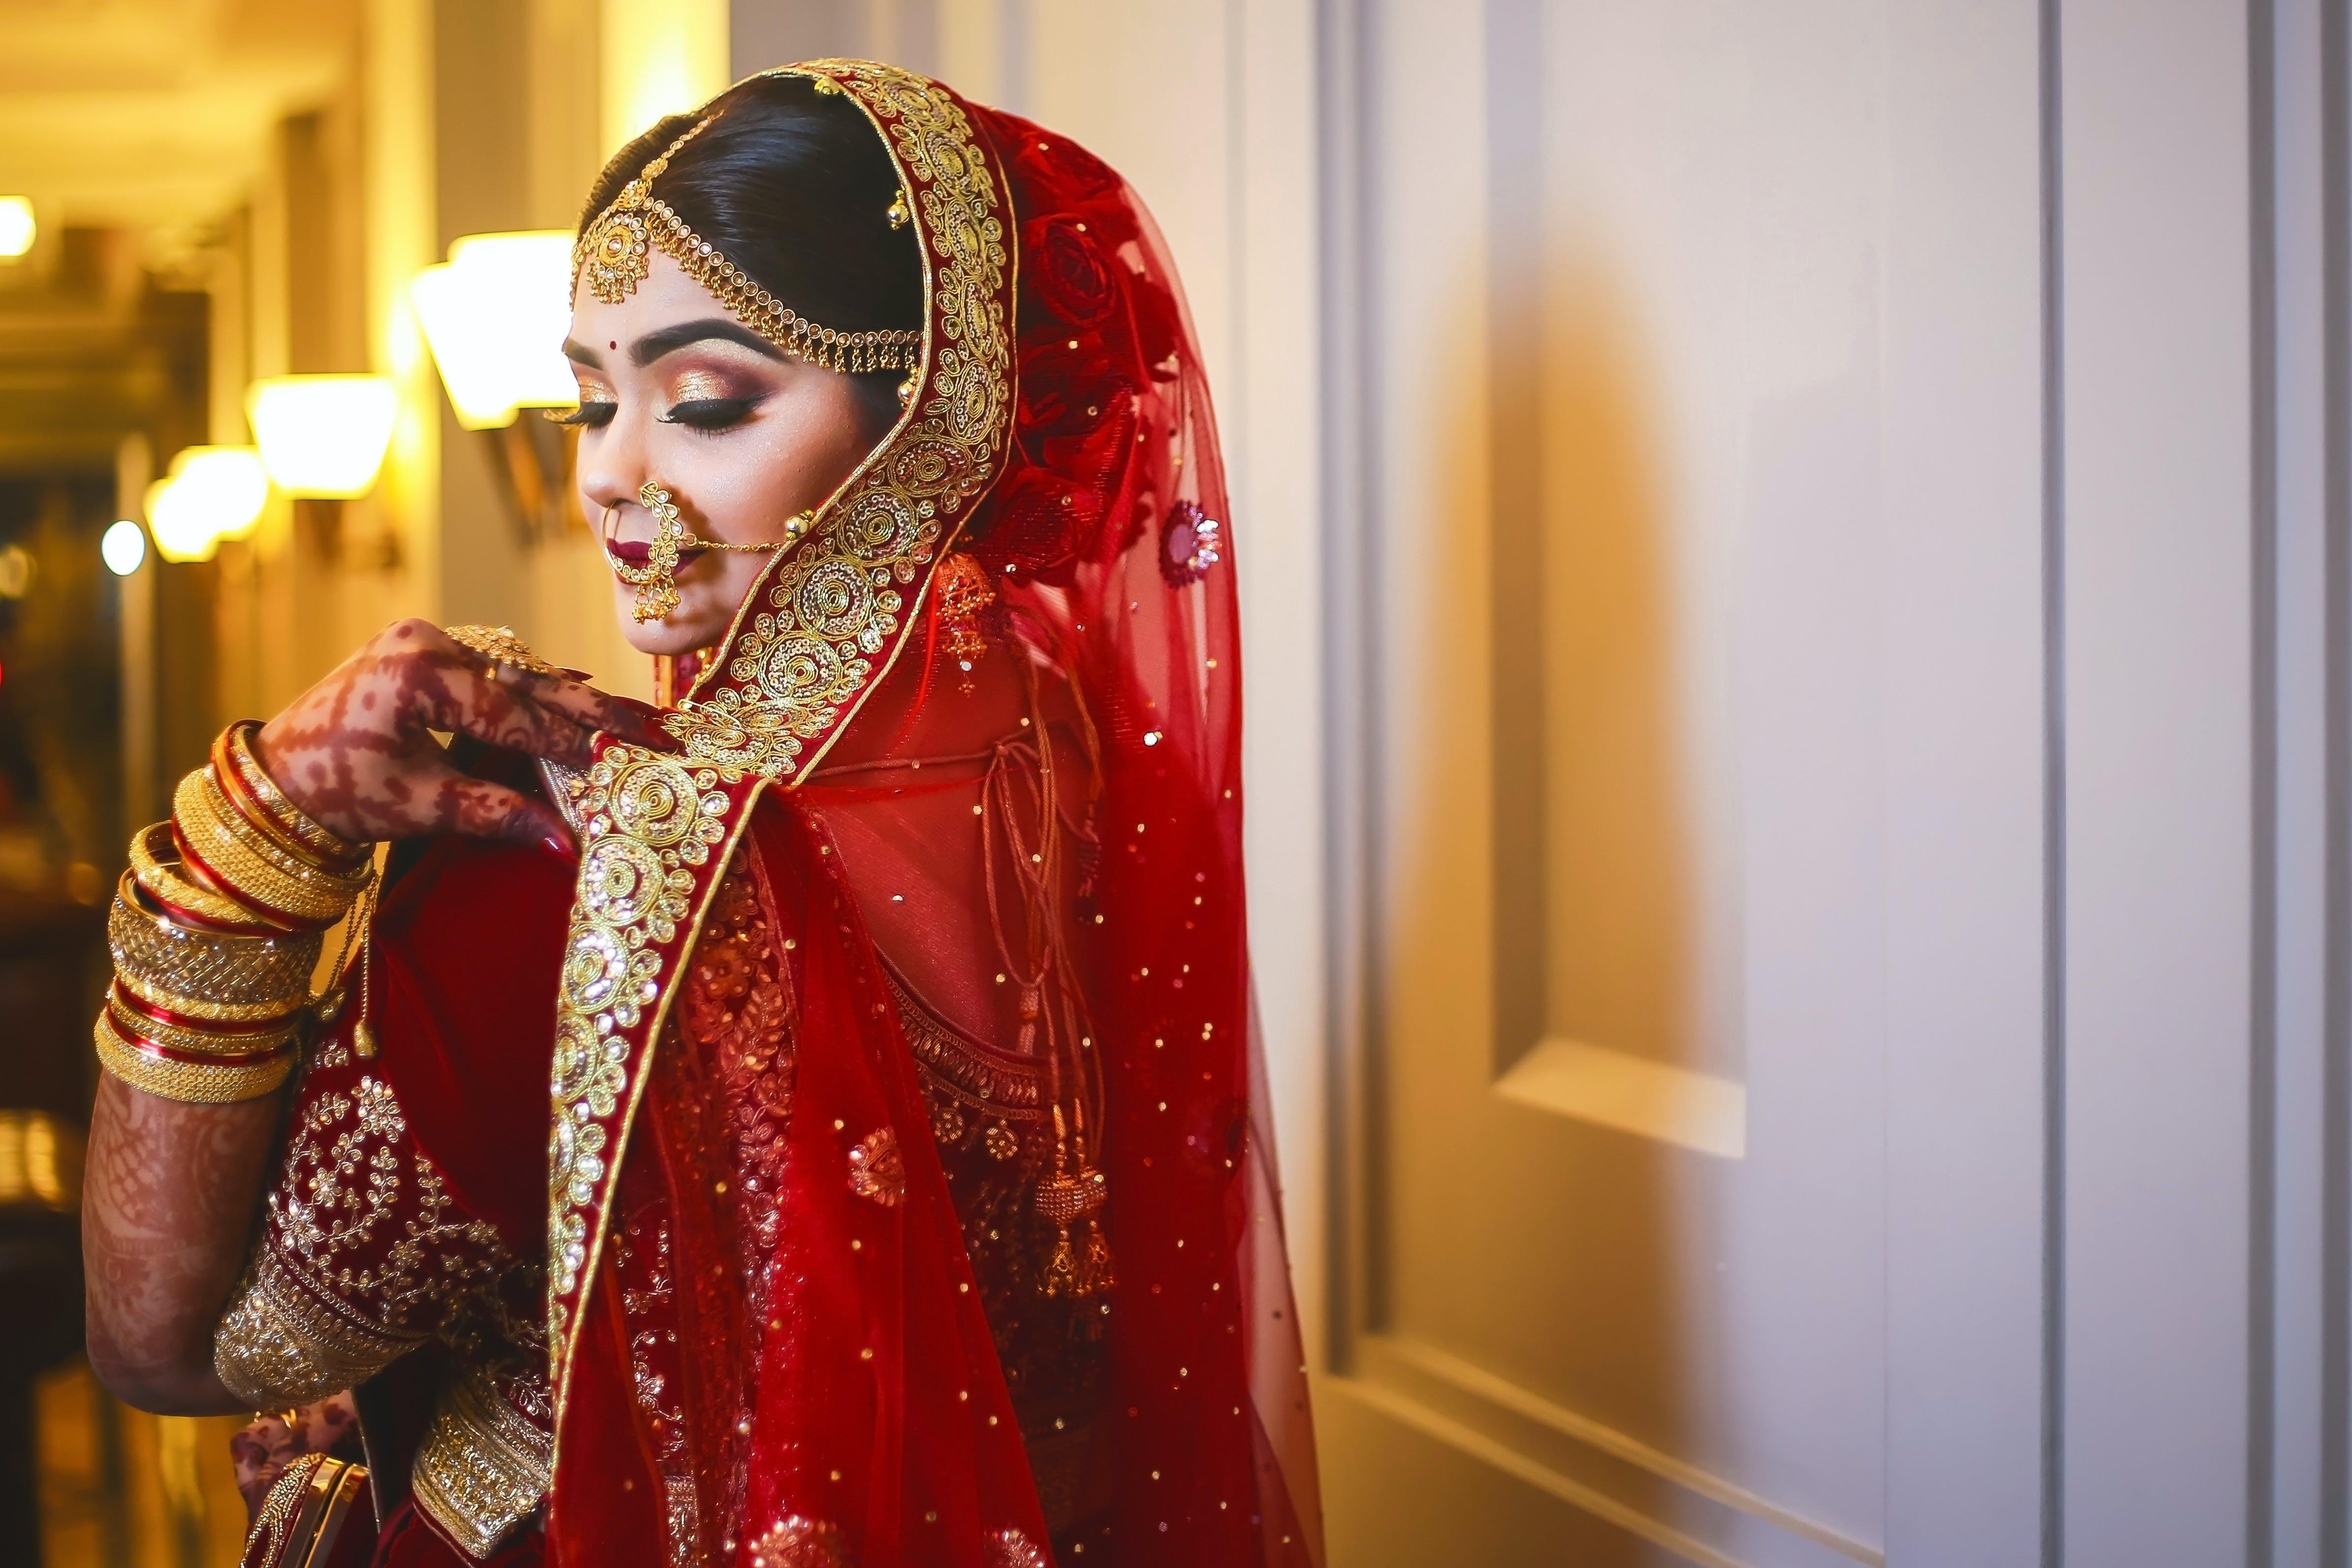 お祝い, きれいな女性, インドア, ウェディングドレスの無料の写真素材